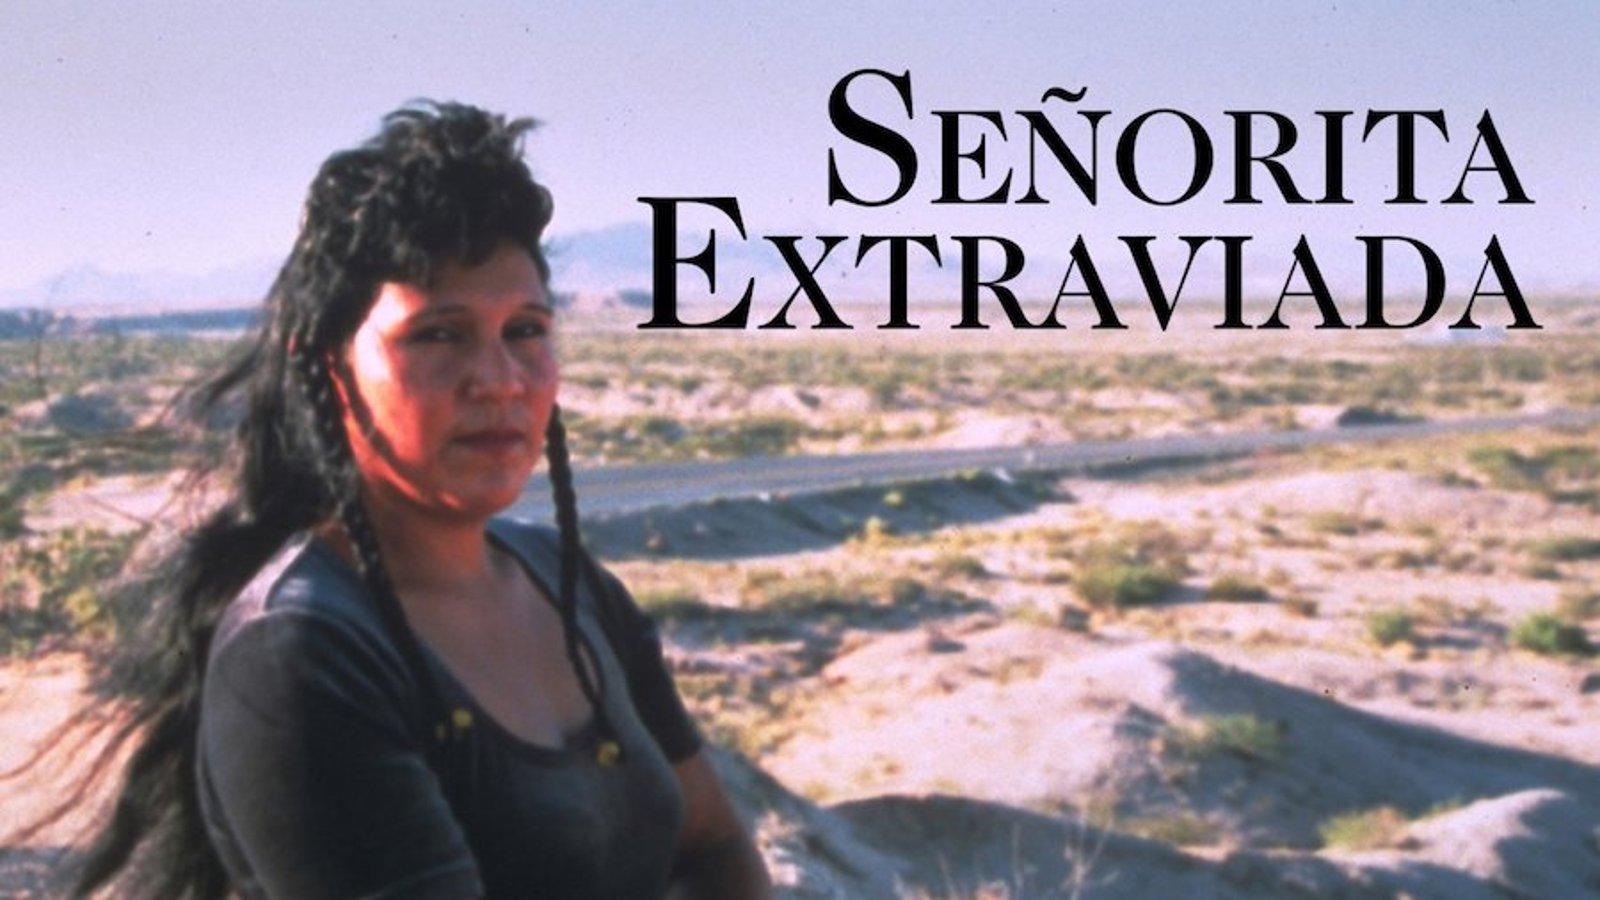 Senorita Extraviada - Crimes Against Women in Juarez Mexico